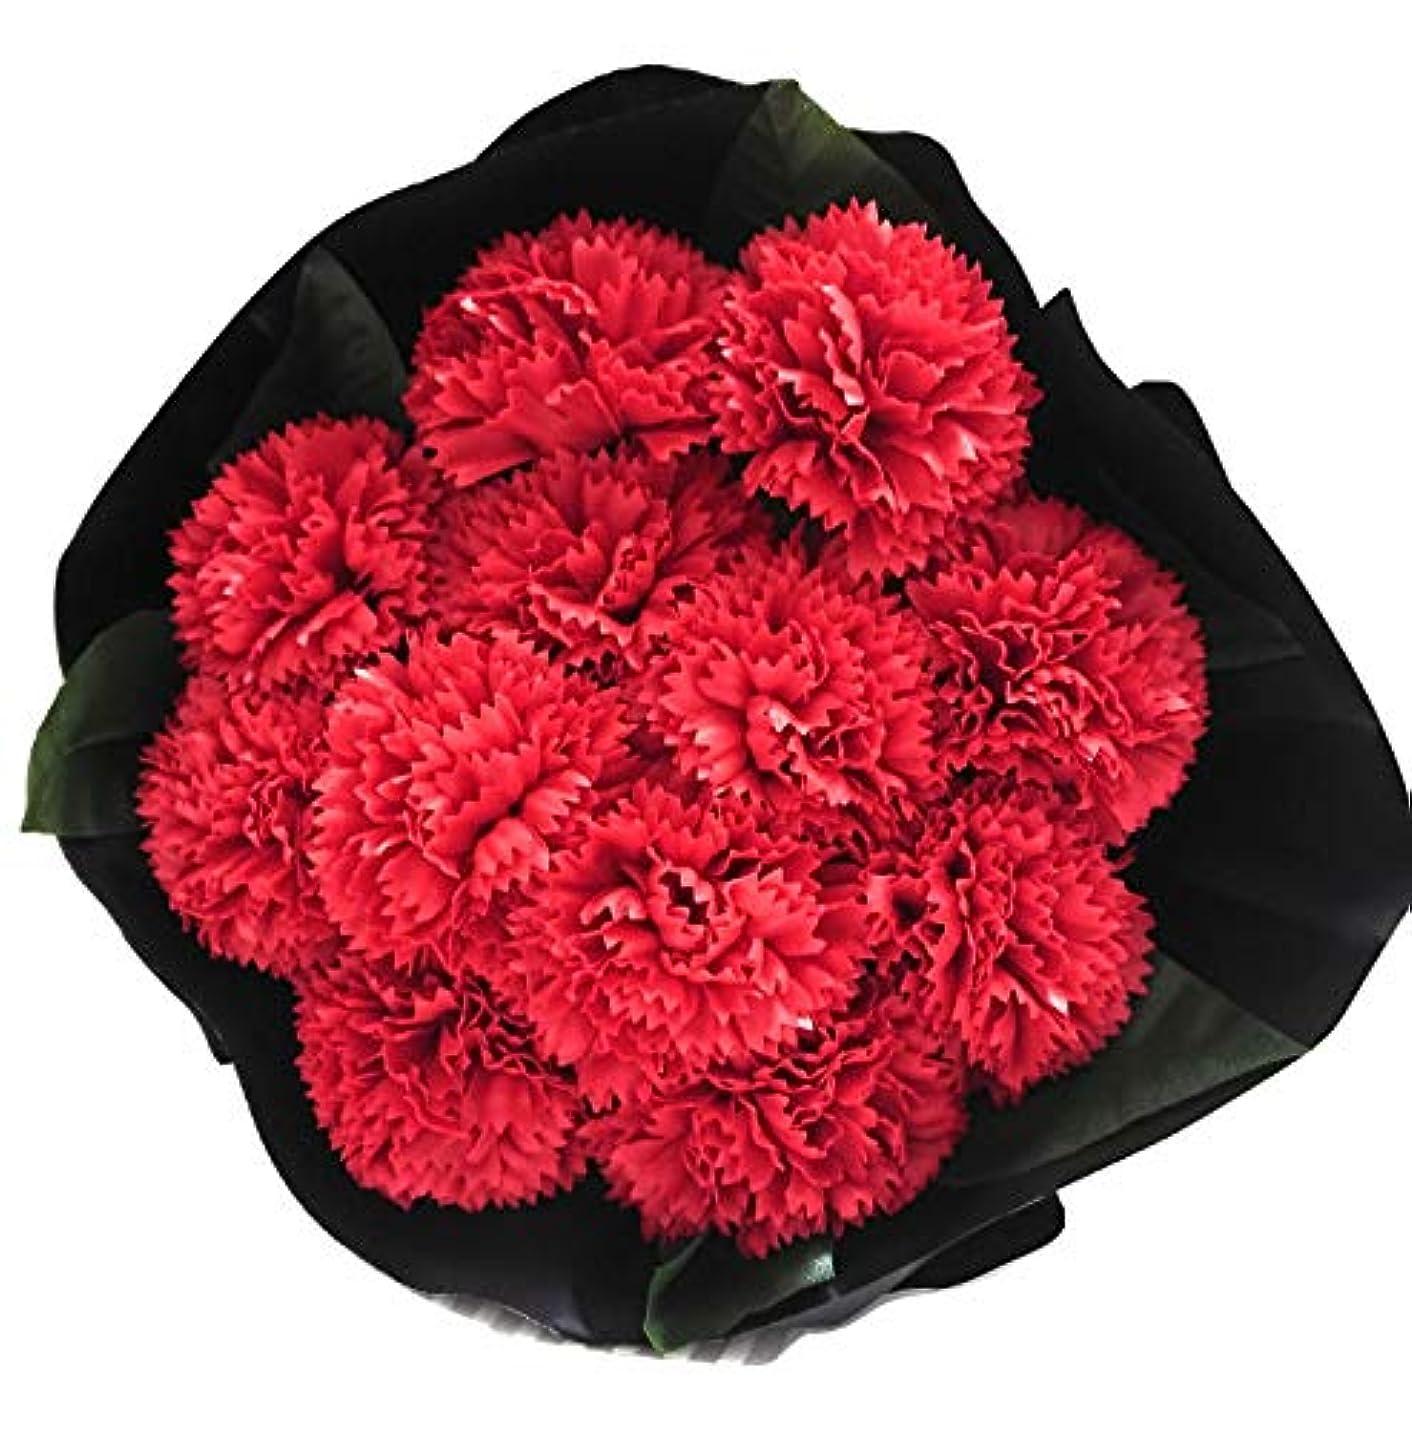 お願いしますエスカレート廃棄バスフレグランス バスフラワー カーネーションブーケ 母の日 ギフト お花の形の入浴剤 (RED)